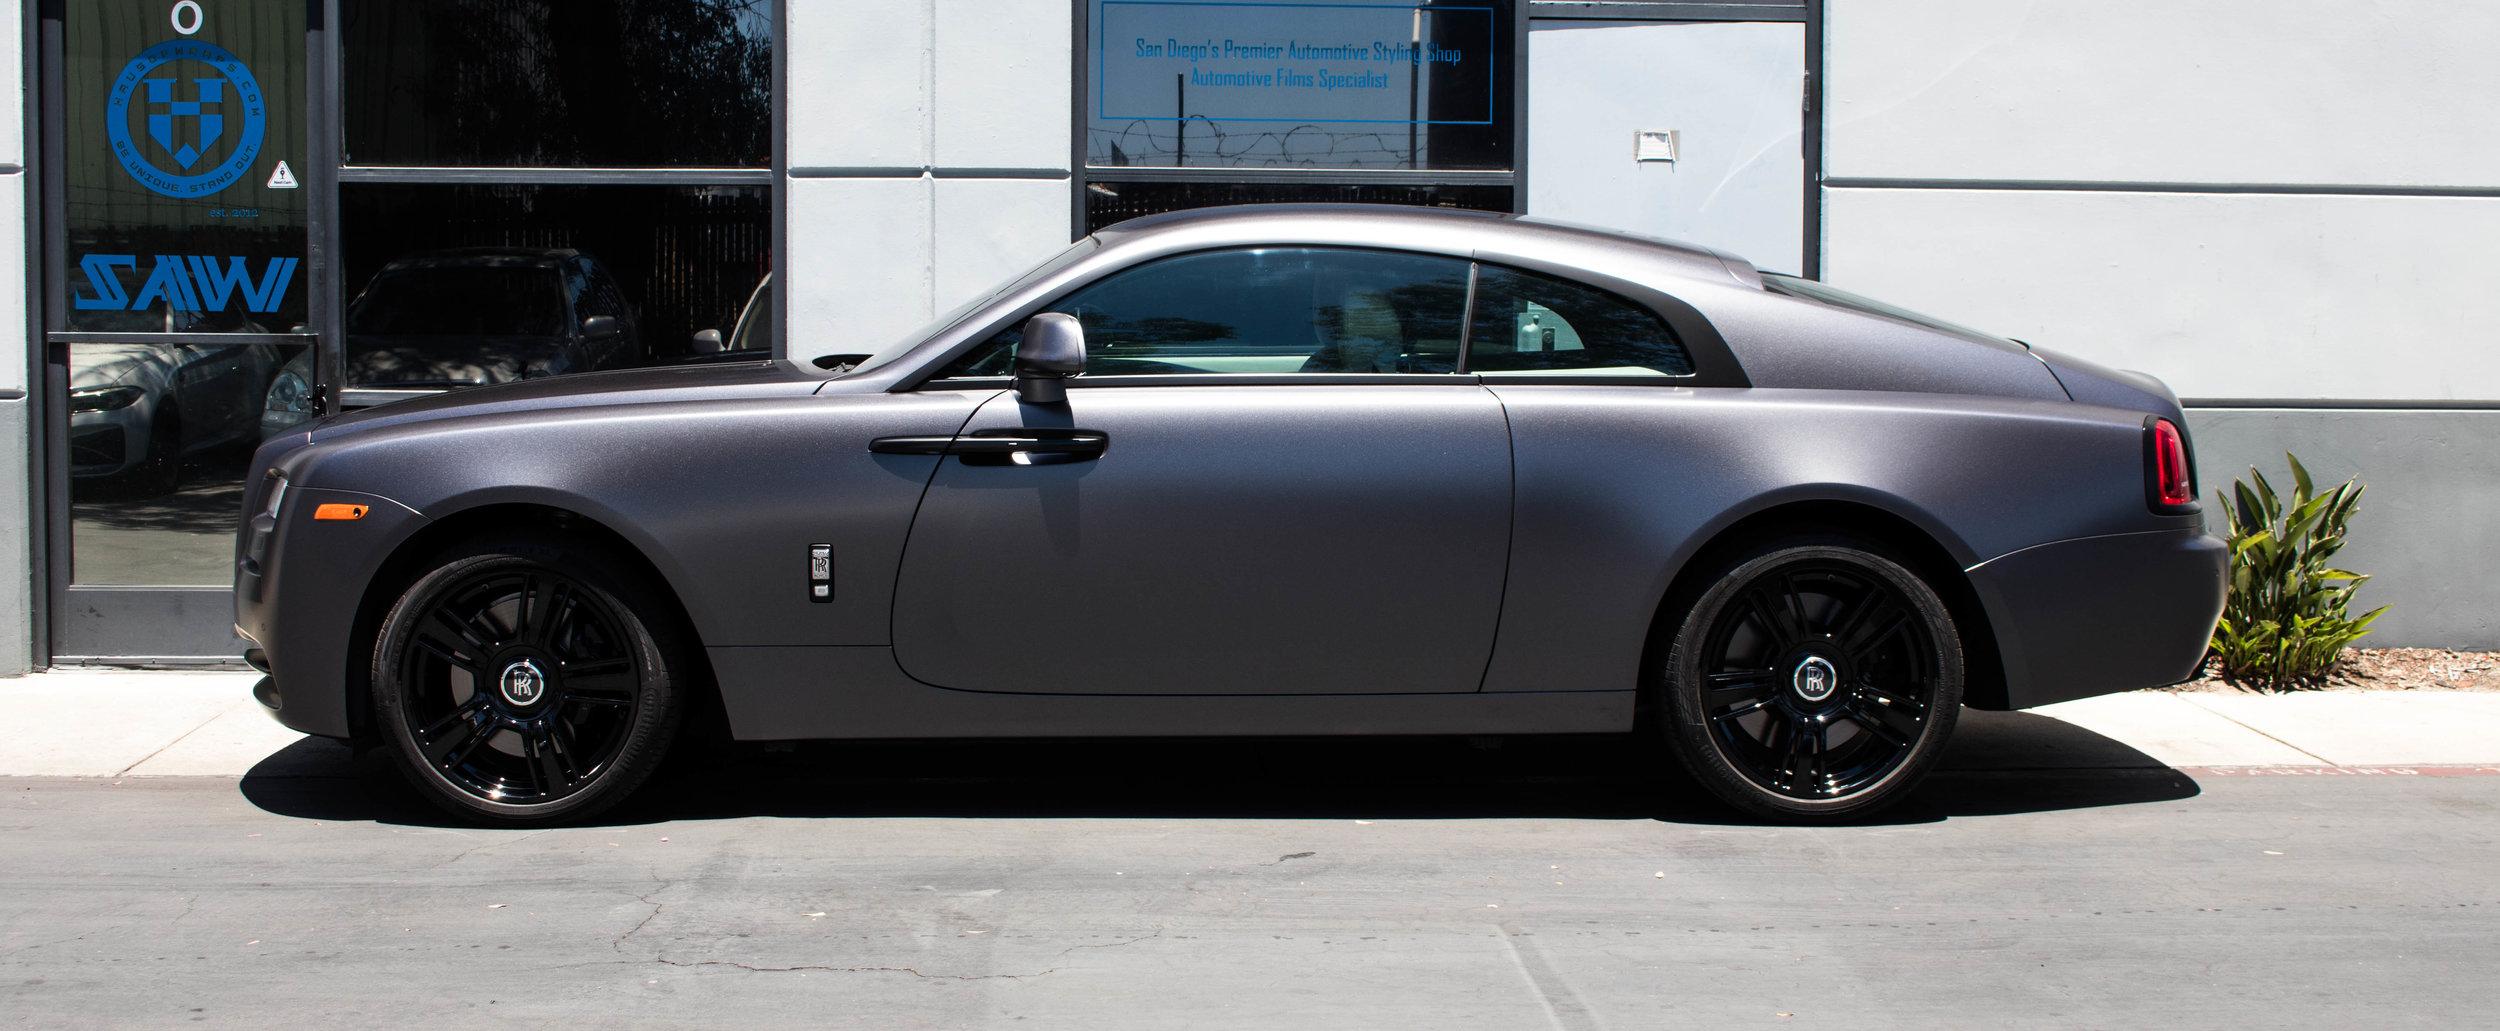 Rolls Royce Side Shot.jpg